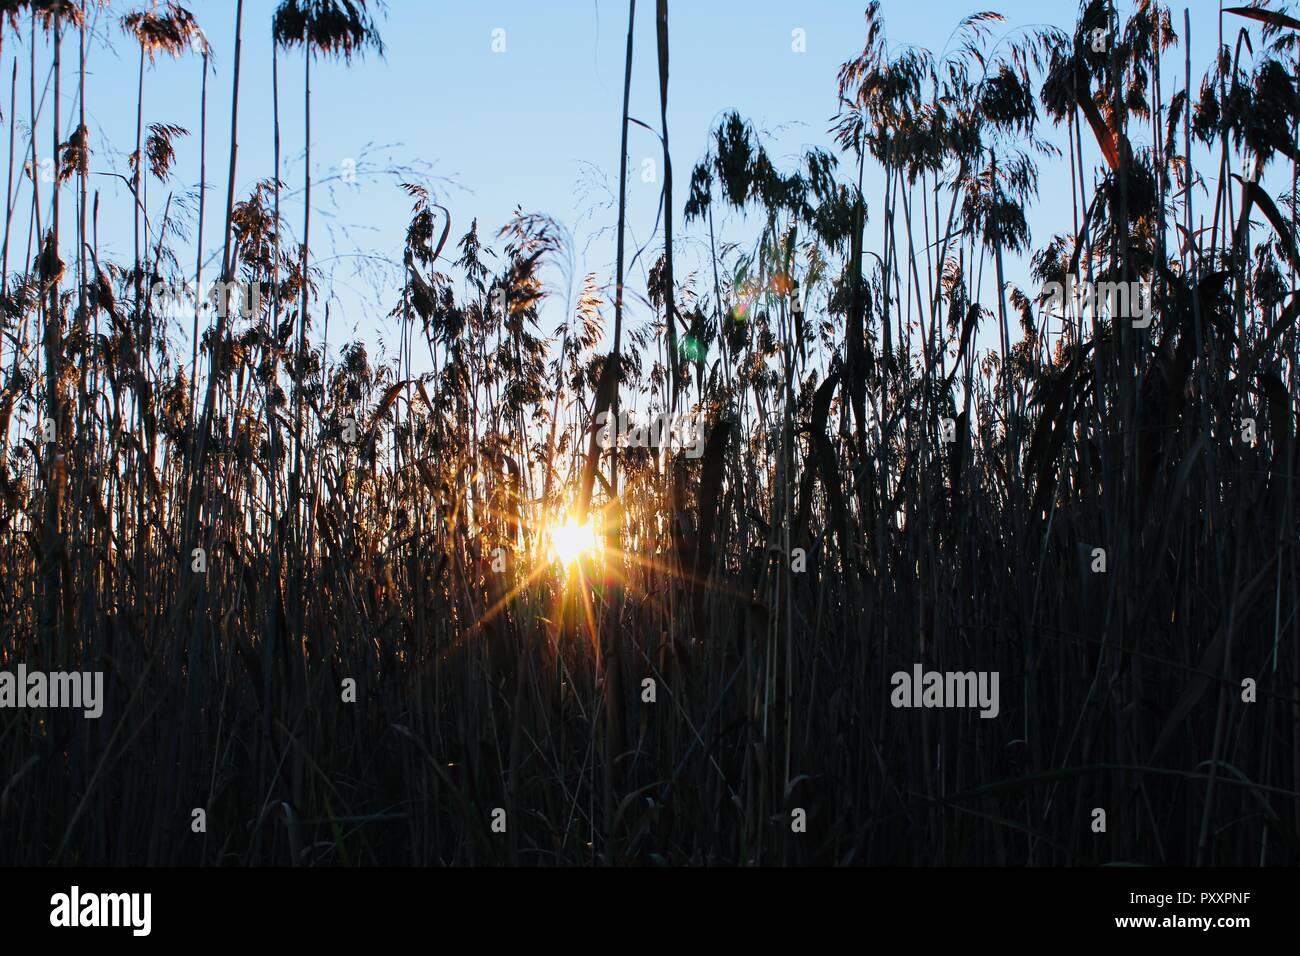 Detalle de Reed en común la retroiluminación del sol vespertino. Imagen De Stock